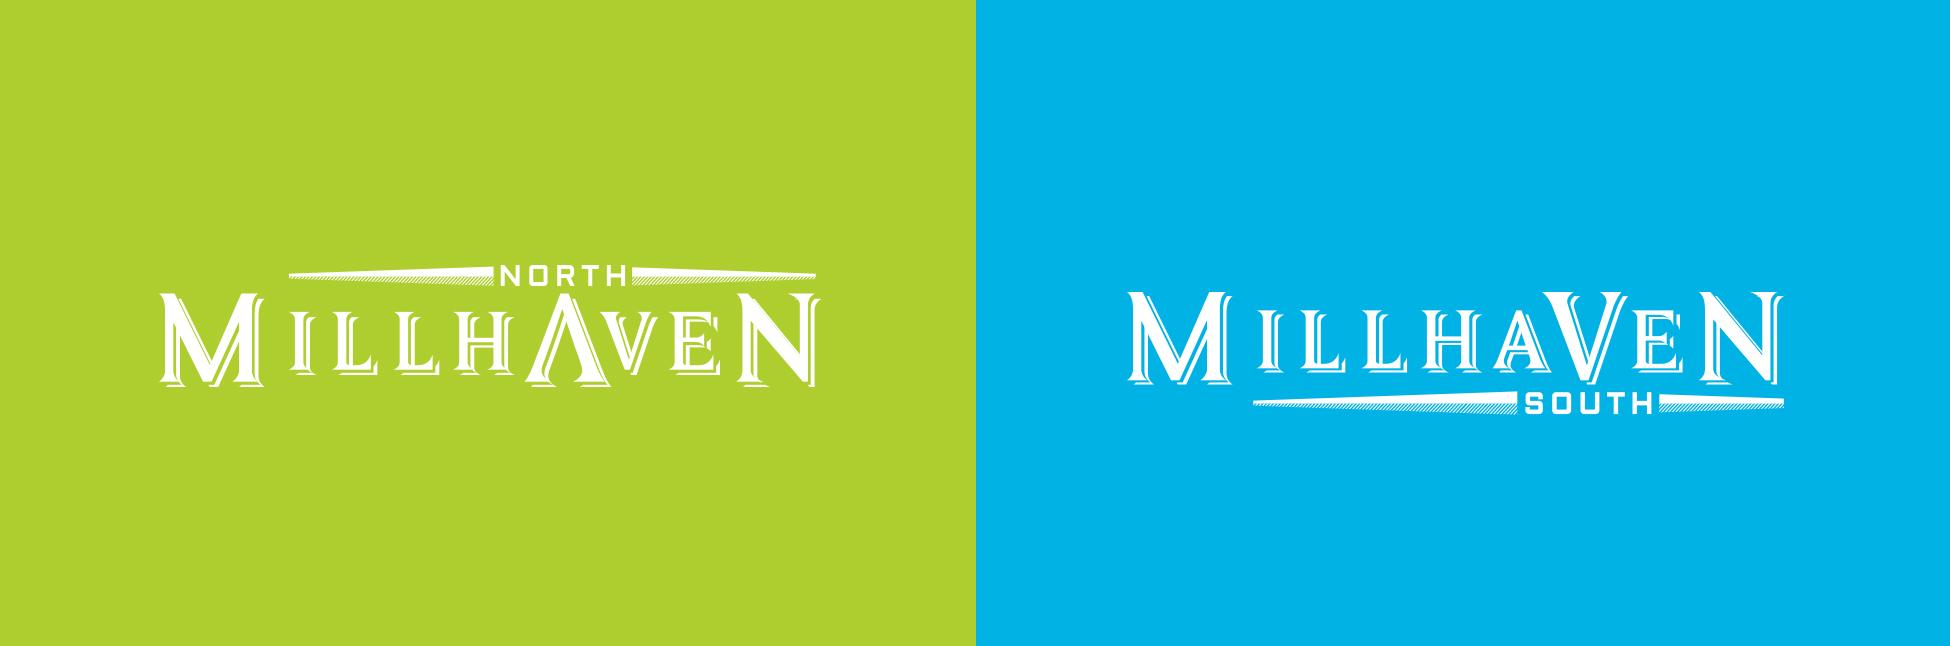 millhaven-header-1